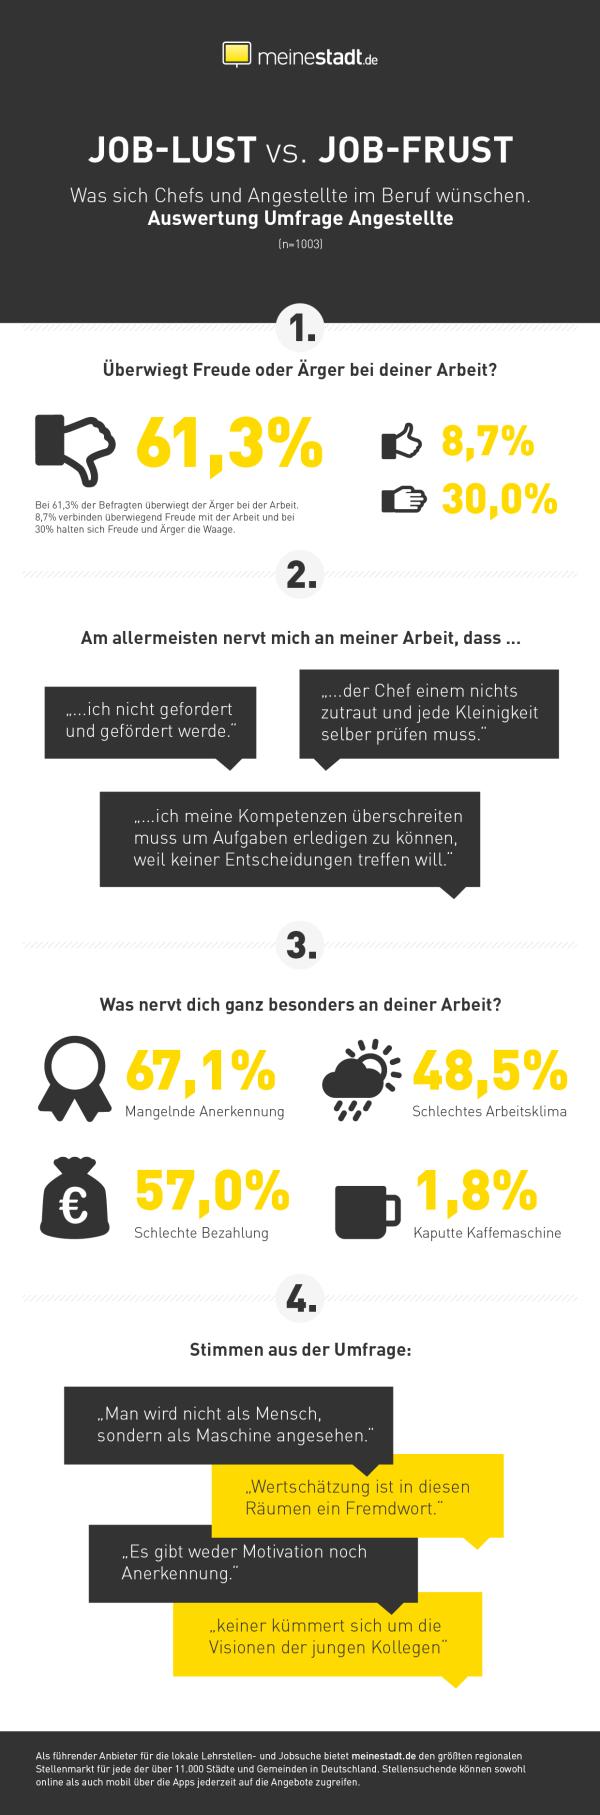 chart_meinestadt_de_Joballergie_Auswertung Arbeitnehmer_Bild 2